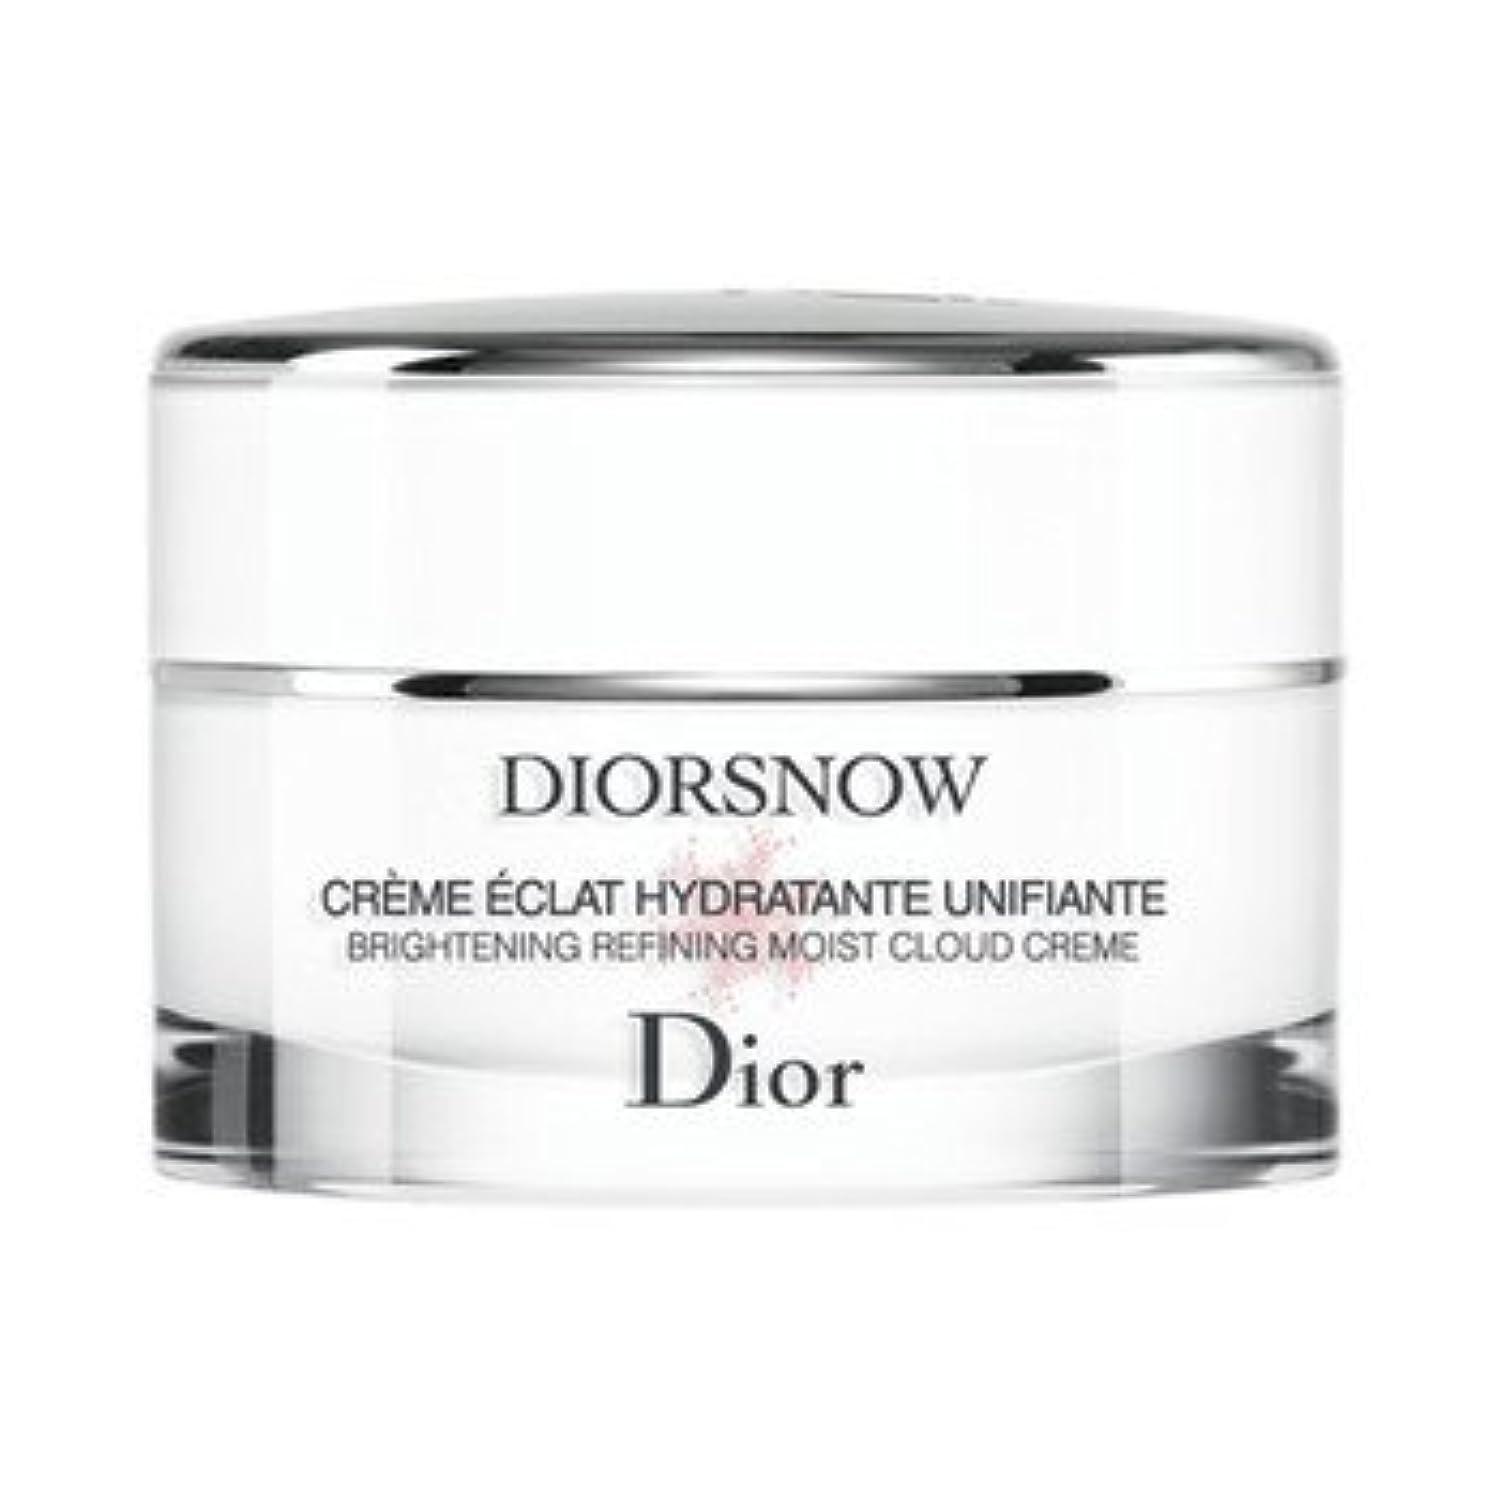 非常にベーコン番目Chiristian Dior クリスチャン ディオール DIOR SNOW ディオール スノー ブライトニング モイスト クリーム 50ml (医薬部外品)【国内正規品】